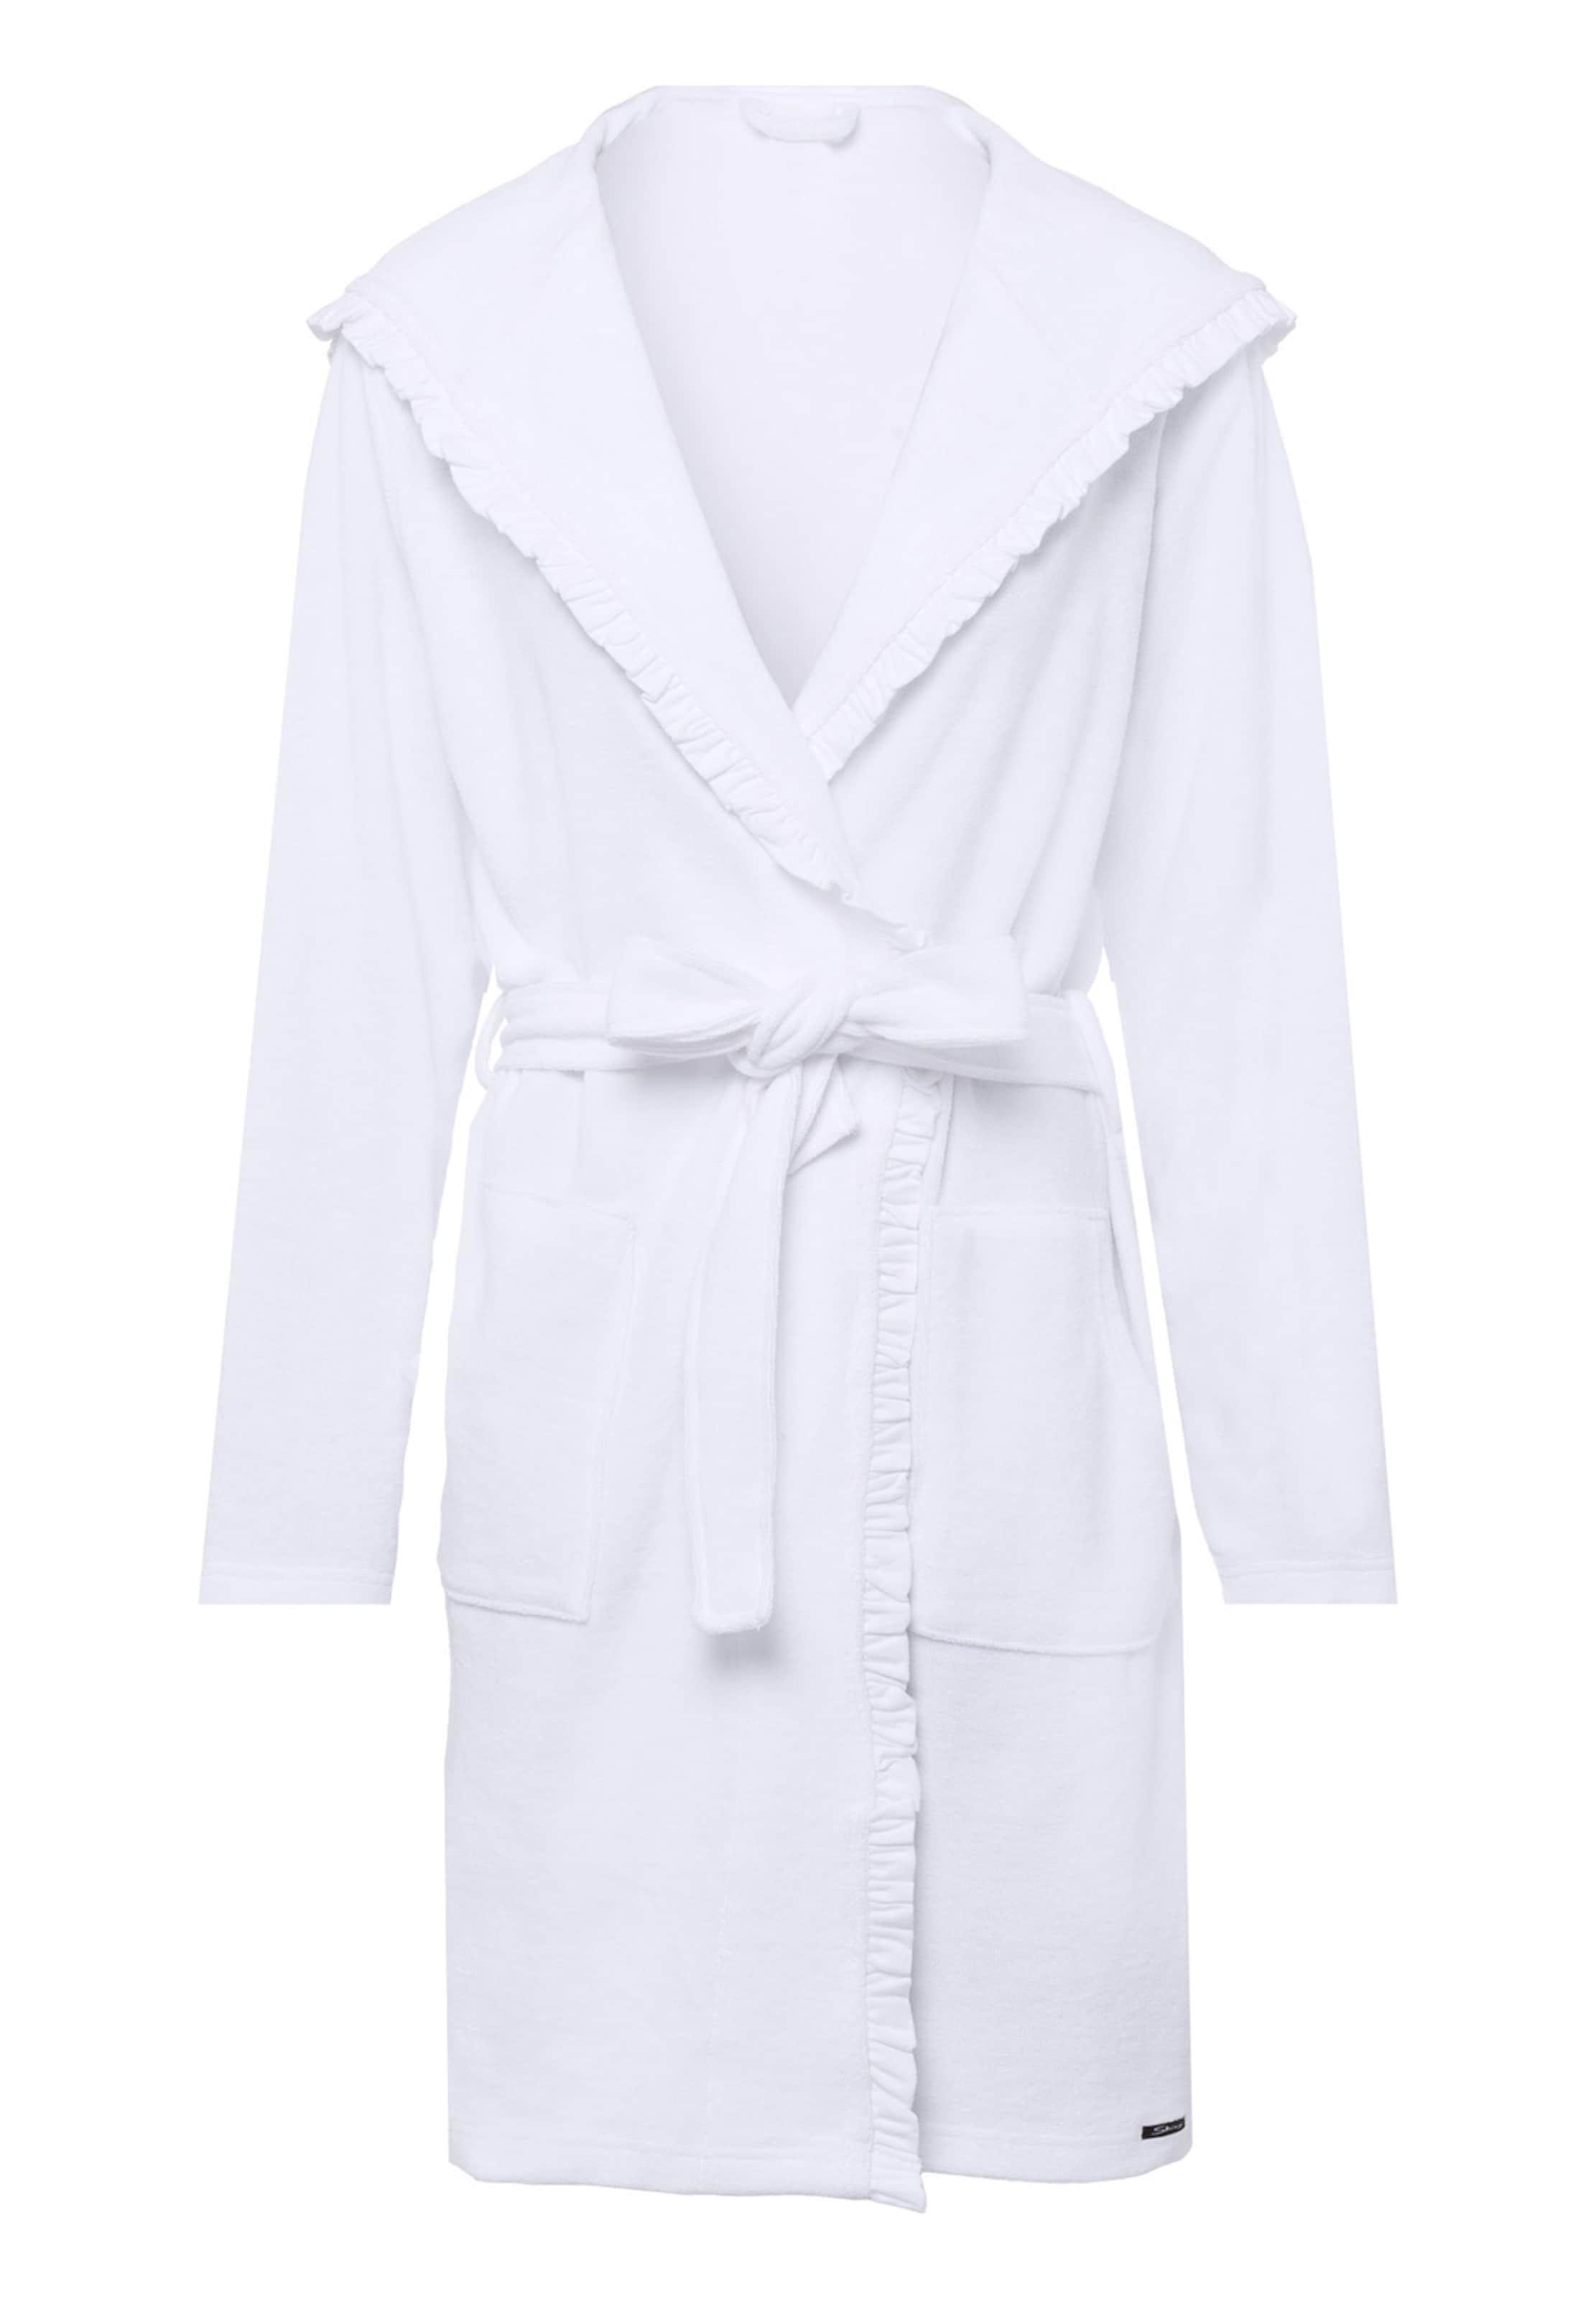 Skiny Robe Weiß Skiny In Robe Skiny In Weiß 0w8nOXNPk